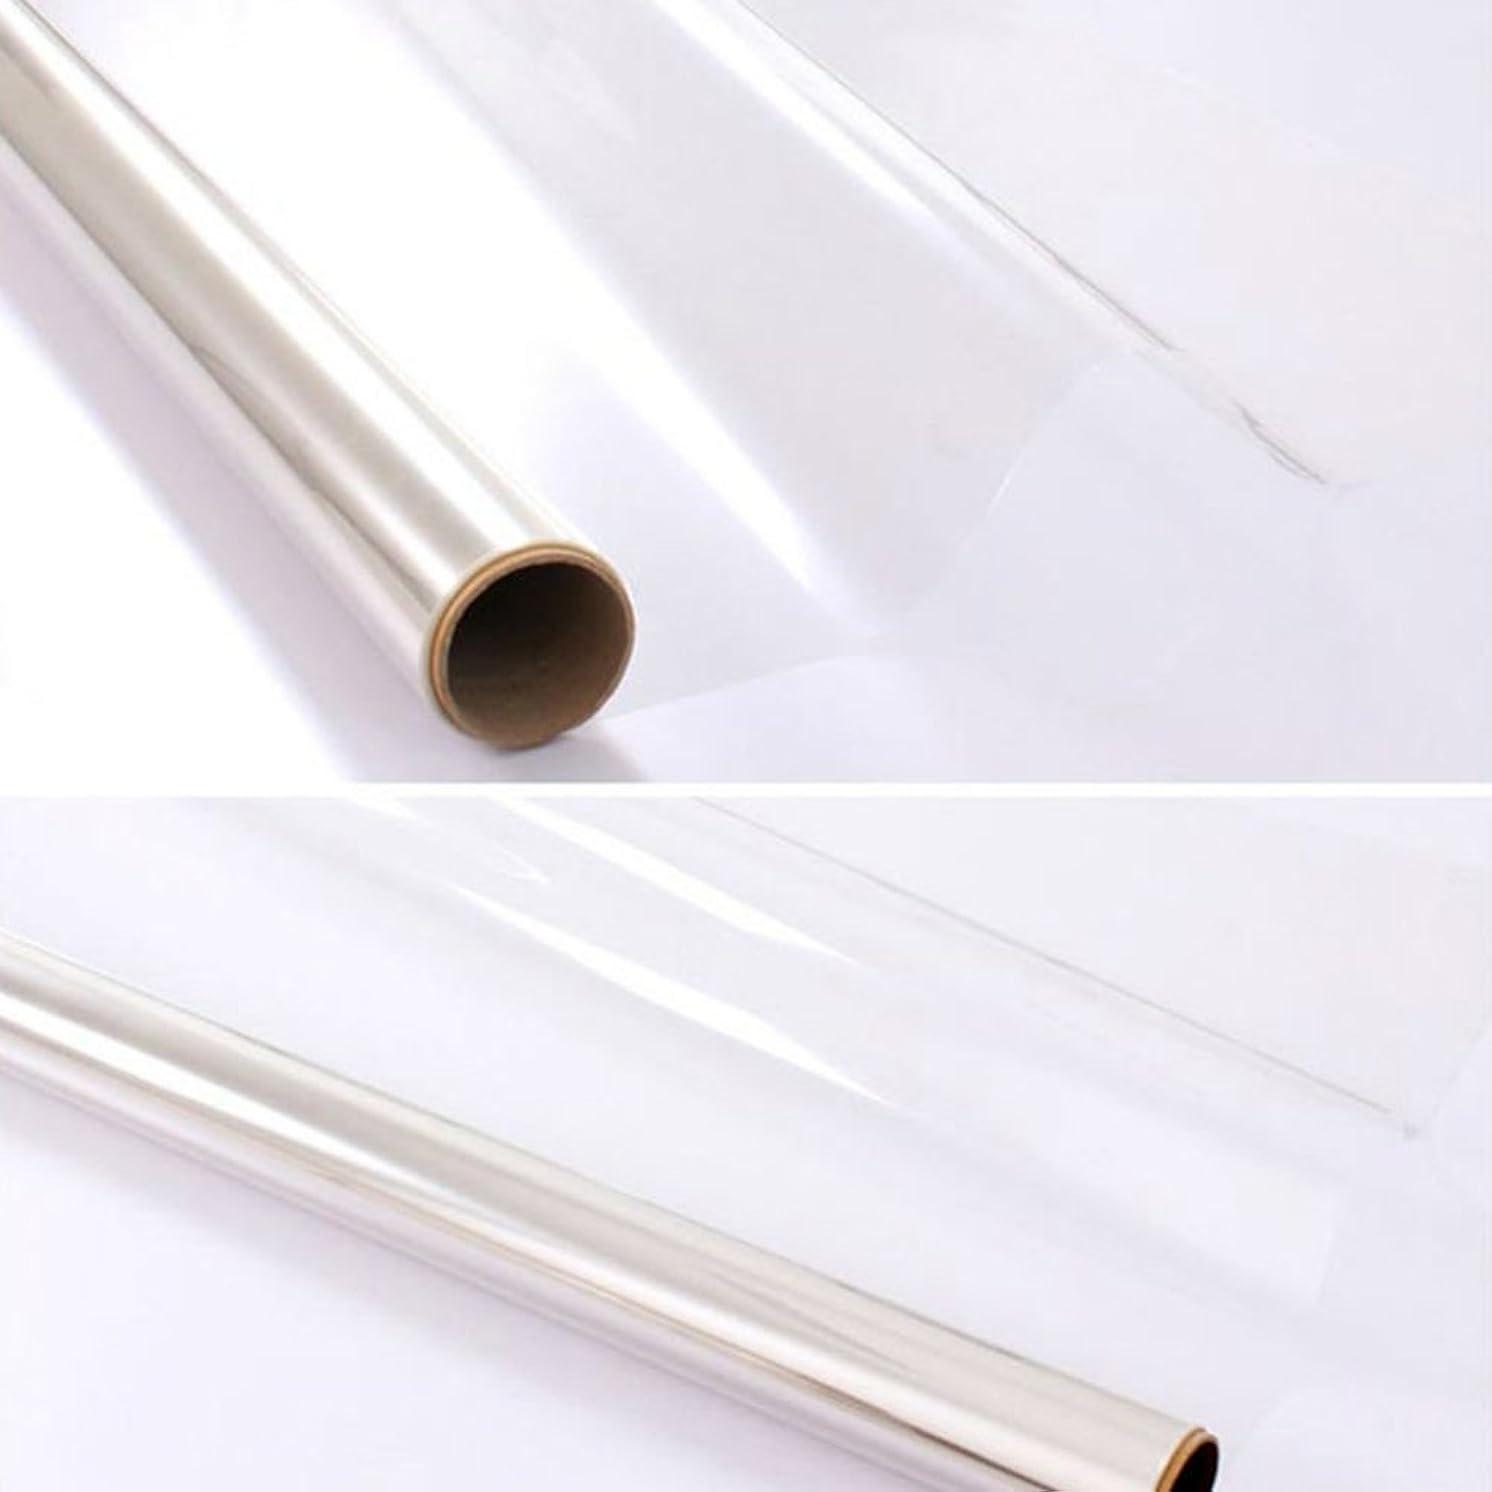 ウィザード肉屋階SUNDECK ガラス飛散防止シート 防災対策 子供対策 ガラスフィルム 透明無色(50cm×300cm)